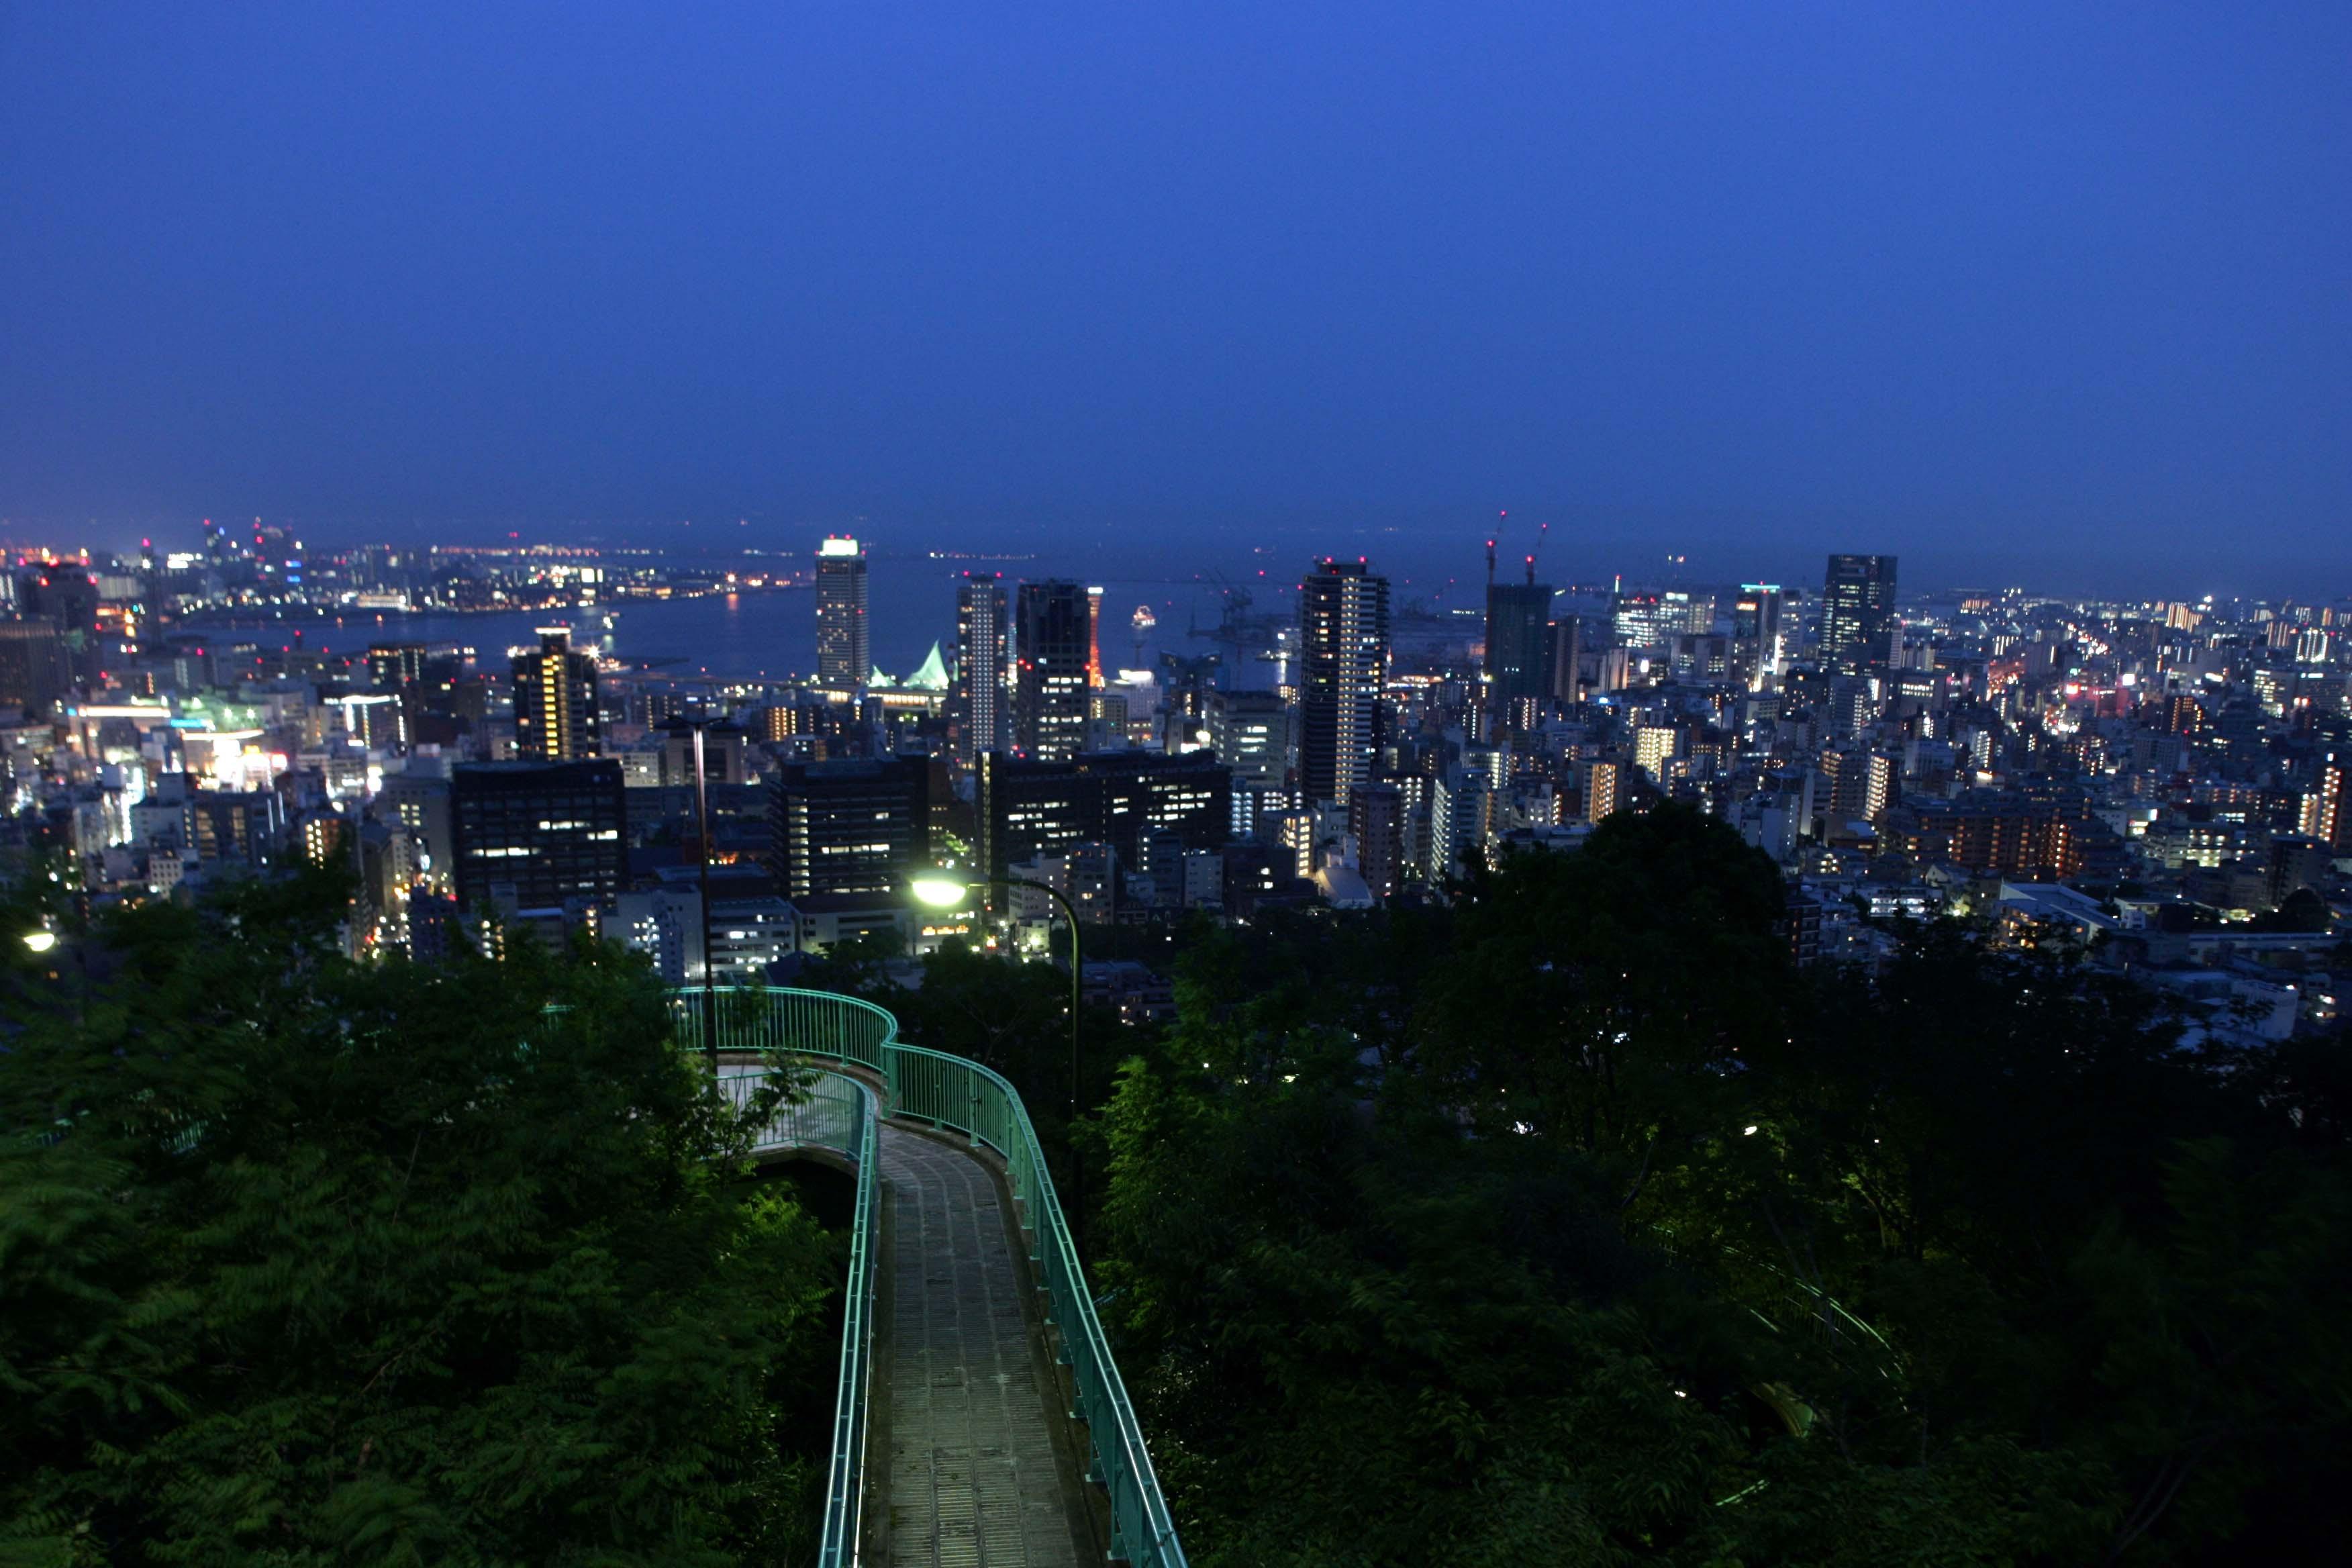 諏訪山の緑の向こうに広がる神戸市街の夜景